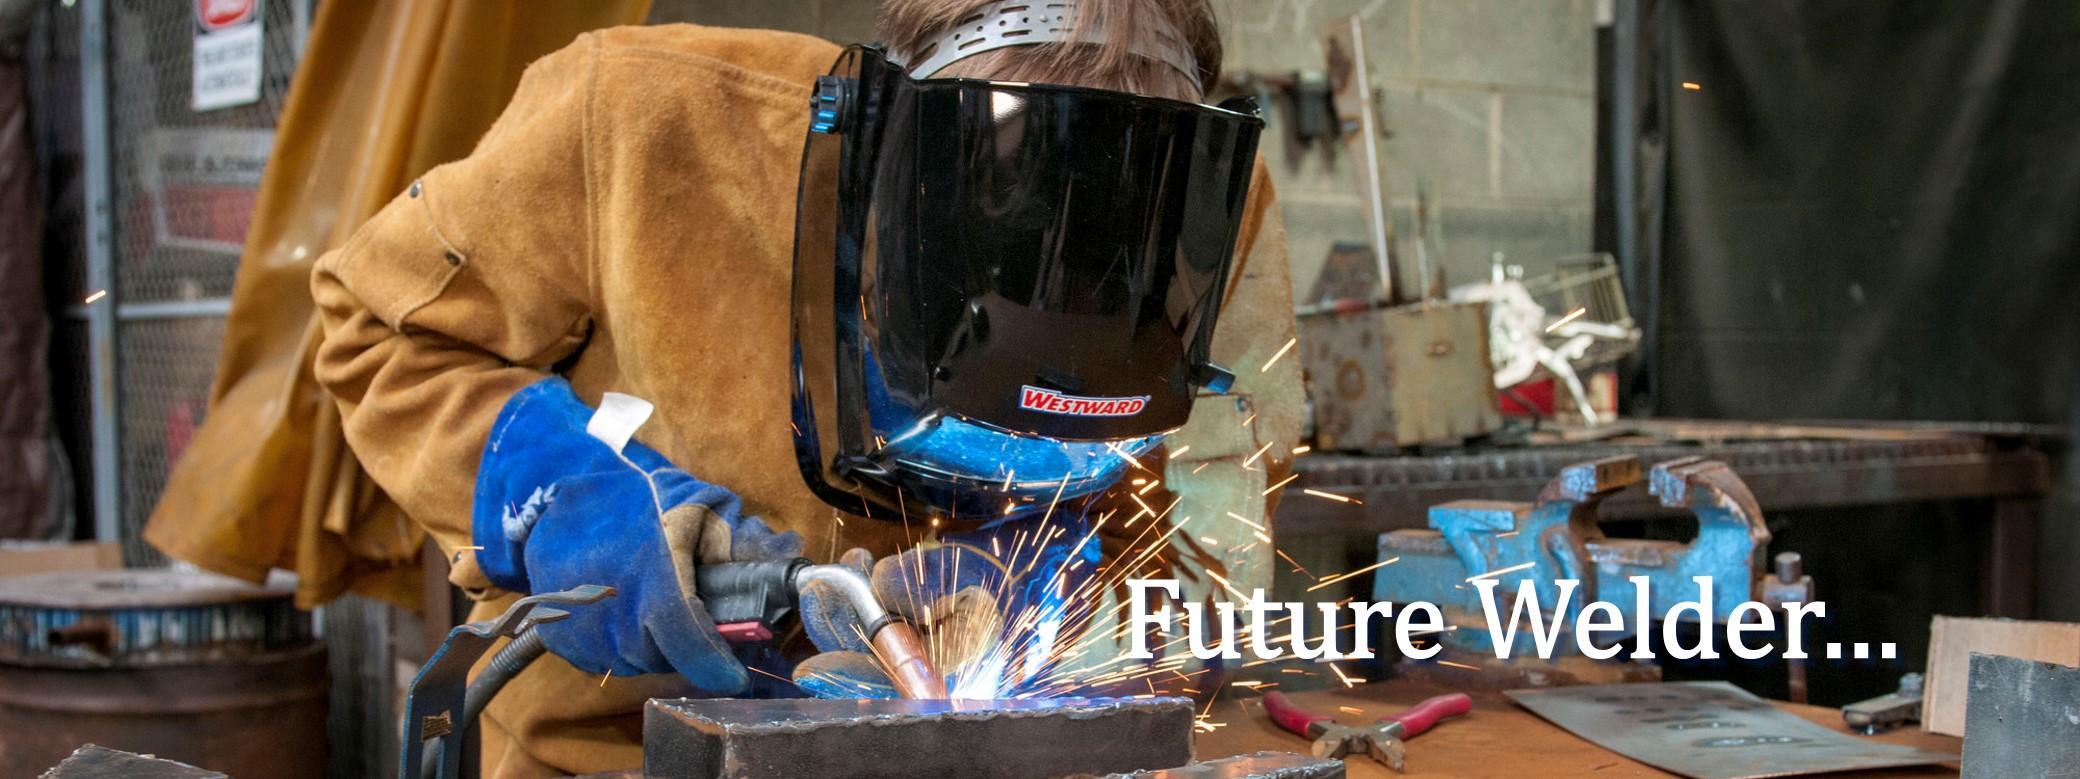 Future welder . . .